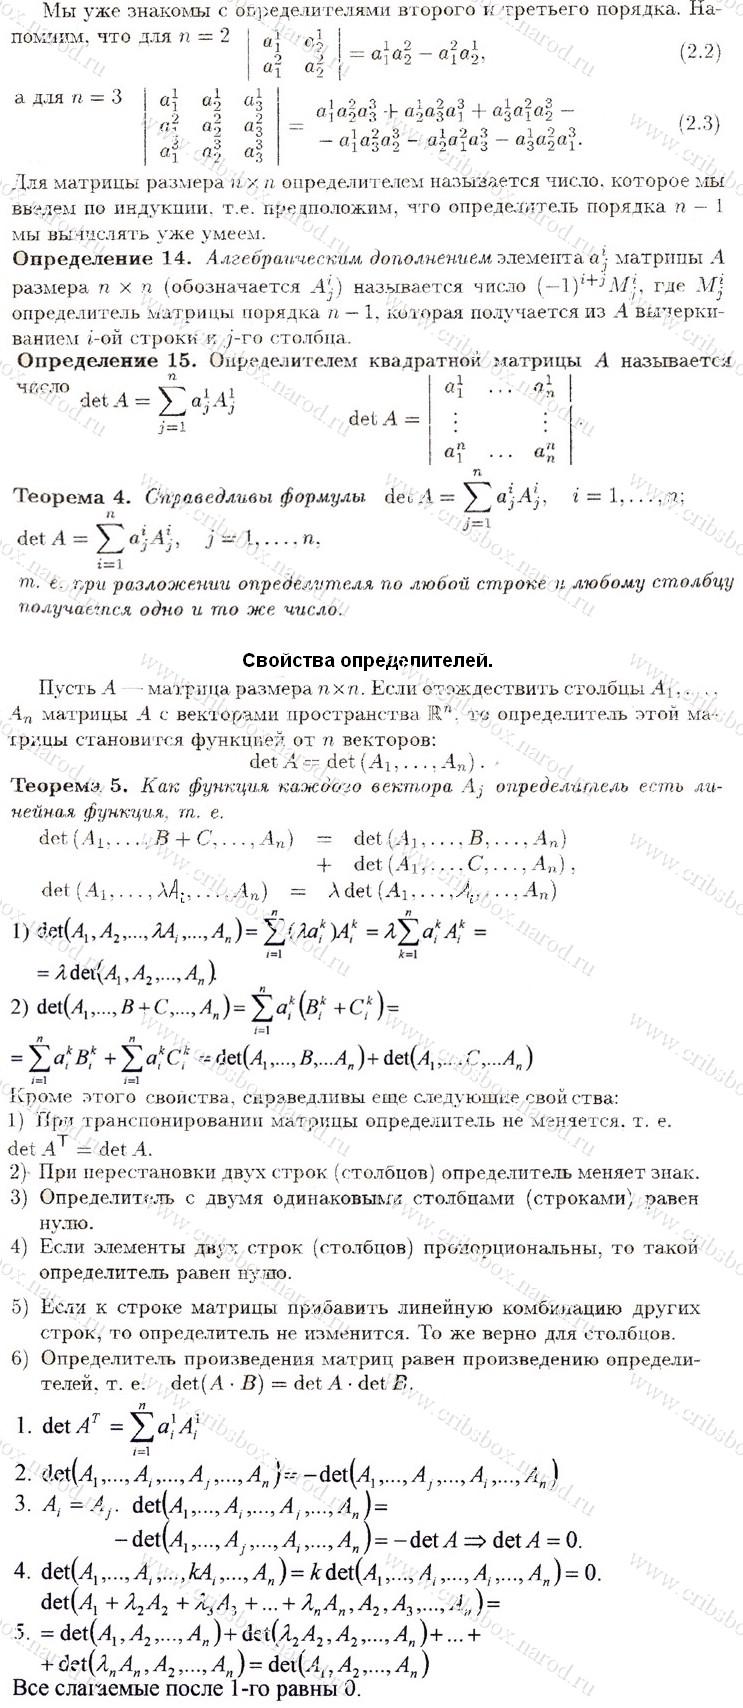 шпоры по высшей математике 1 курс 2 семестр